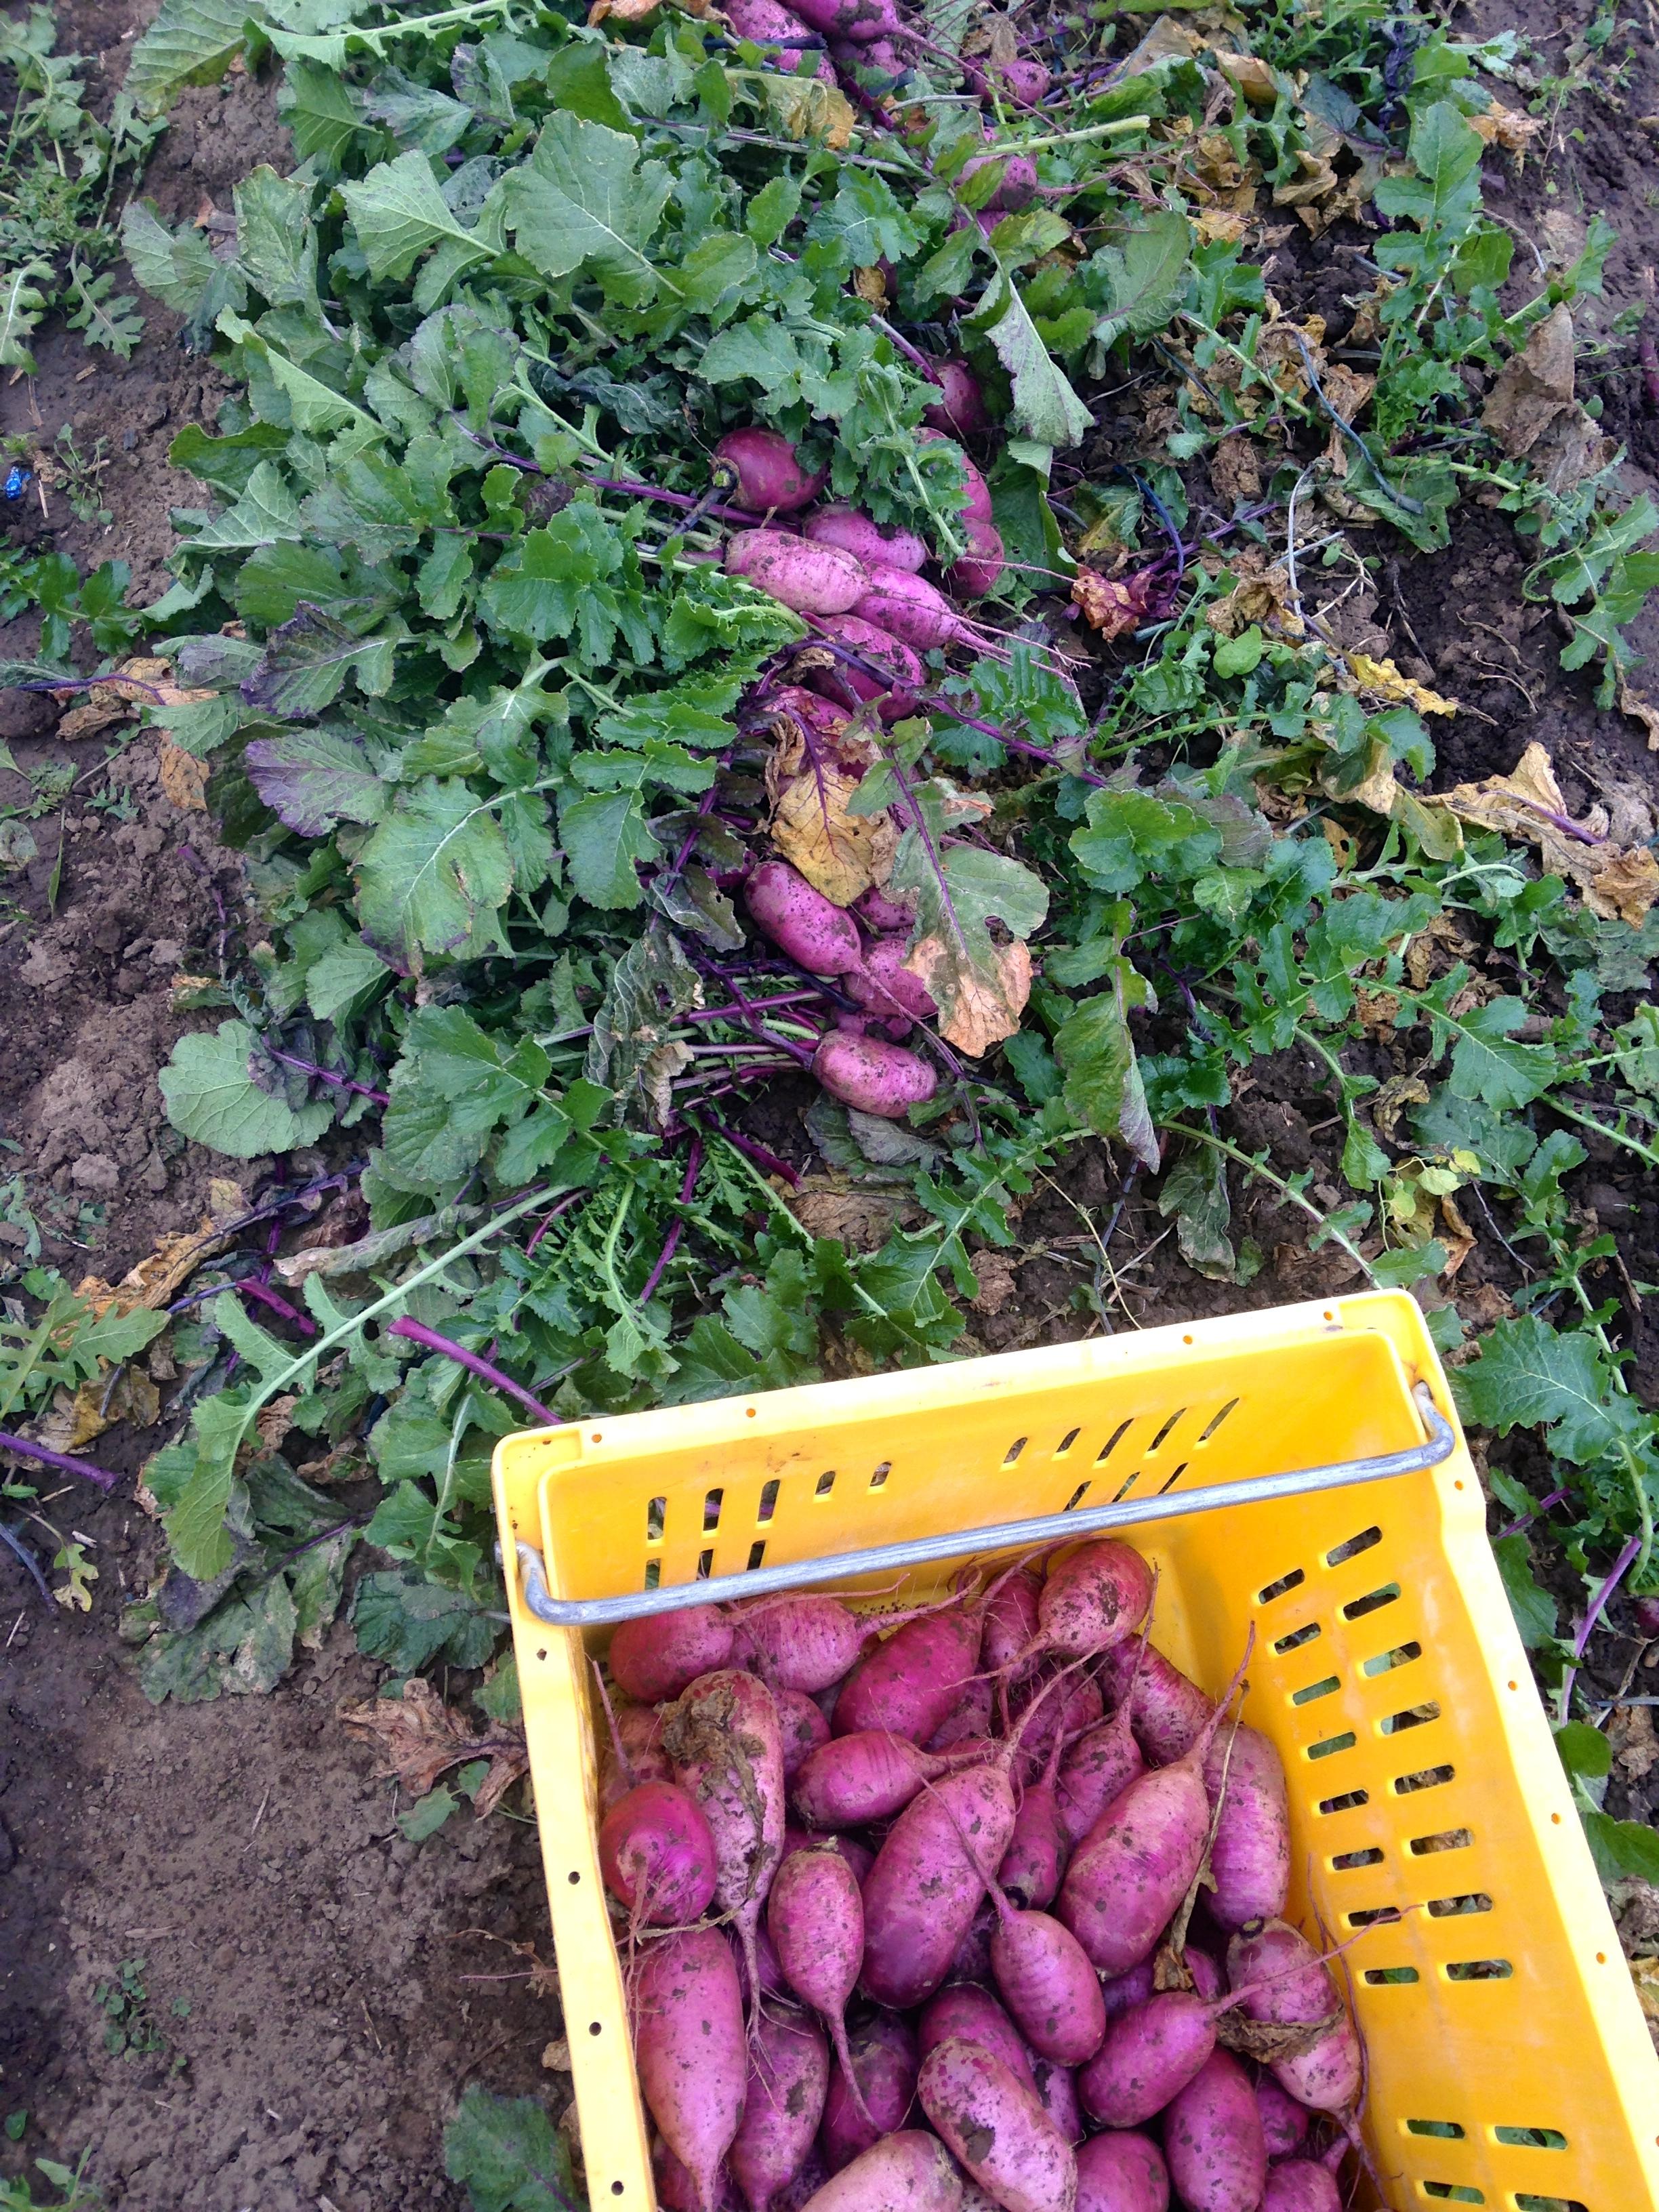 Harvesting Purple Daikon